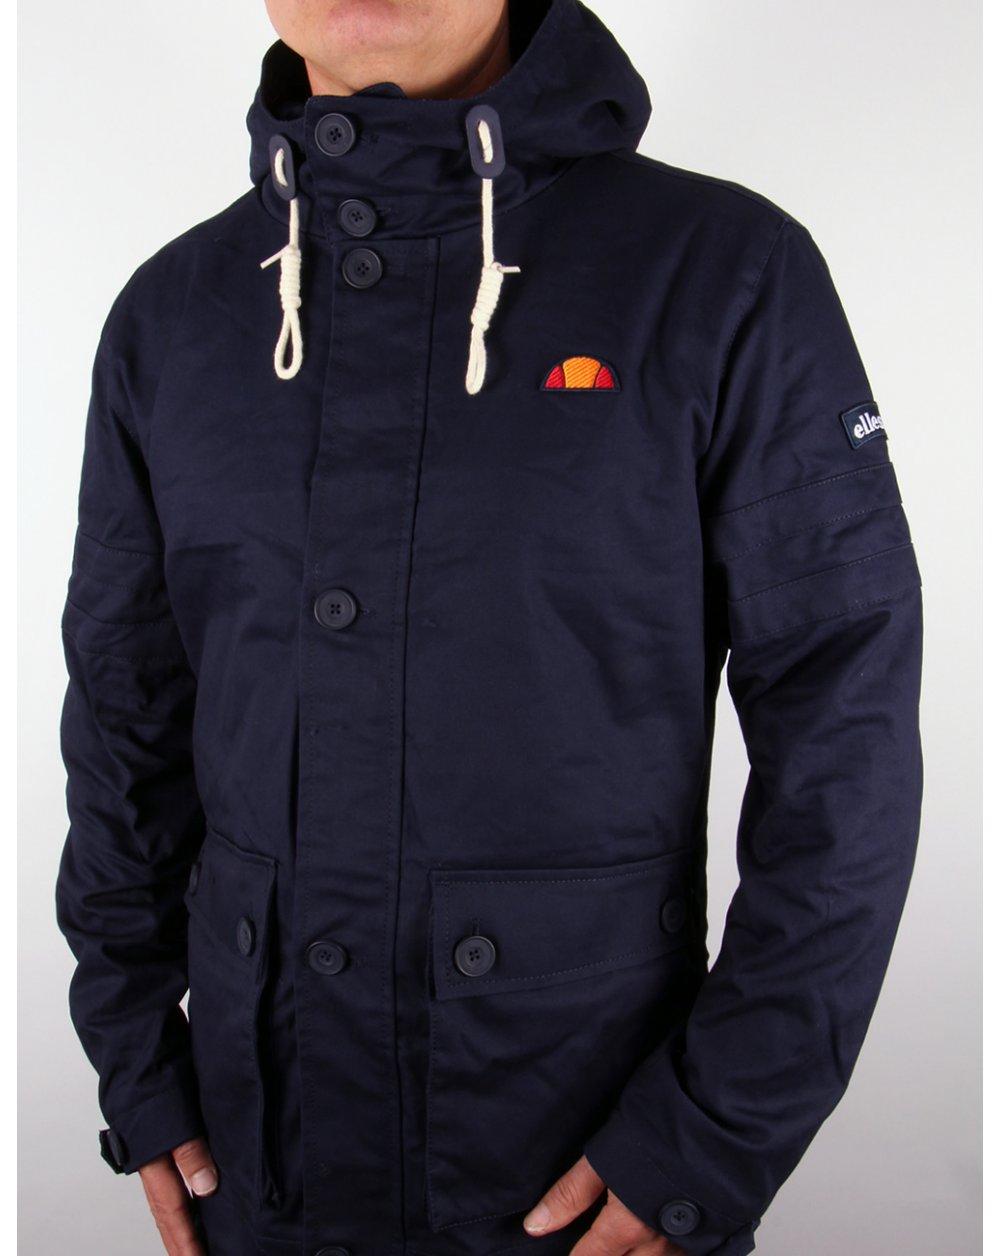 ellesse tosan hooded jacket navy heritage jacket blue. Black Bedroom Furniture Sets. Home Design Ideas